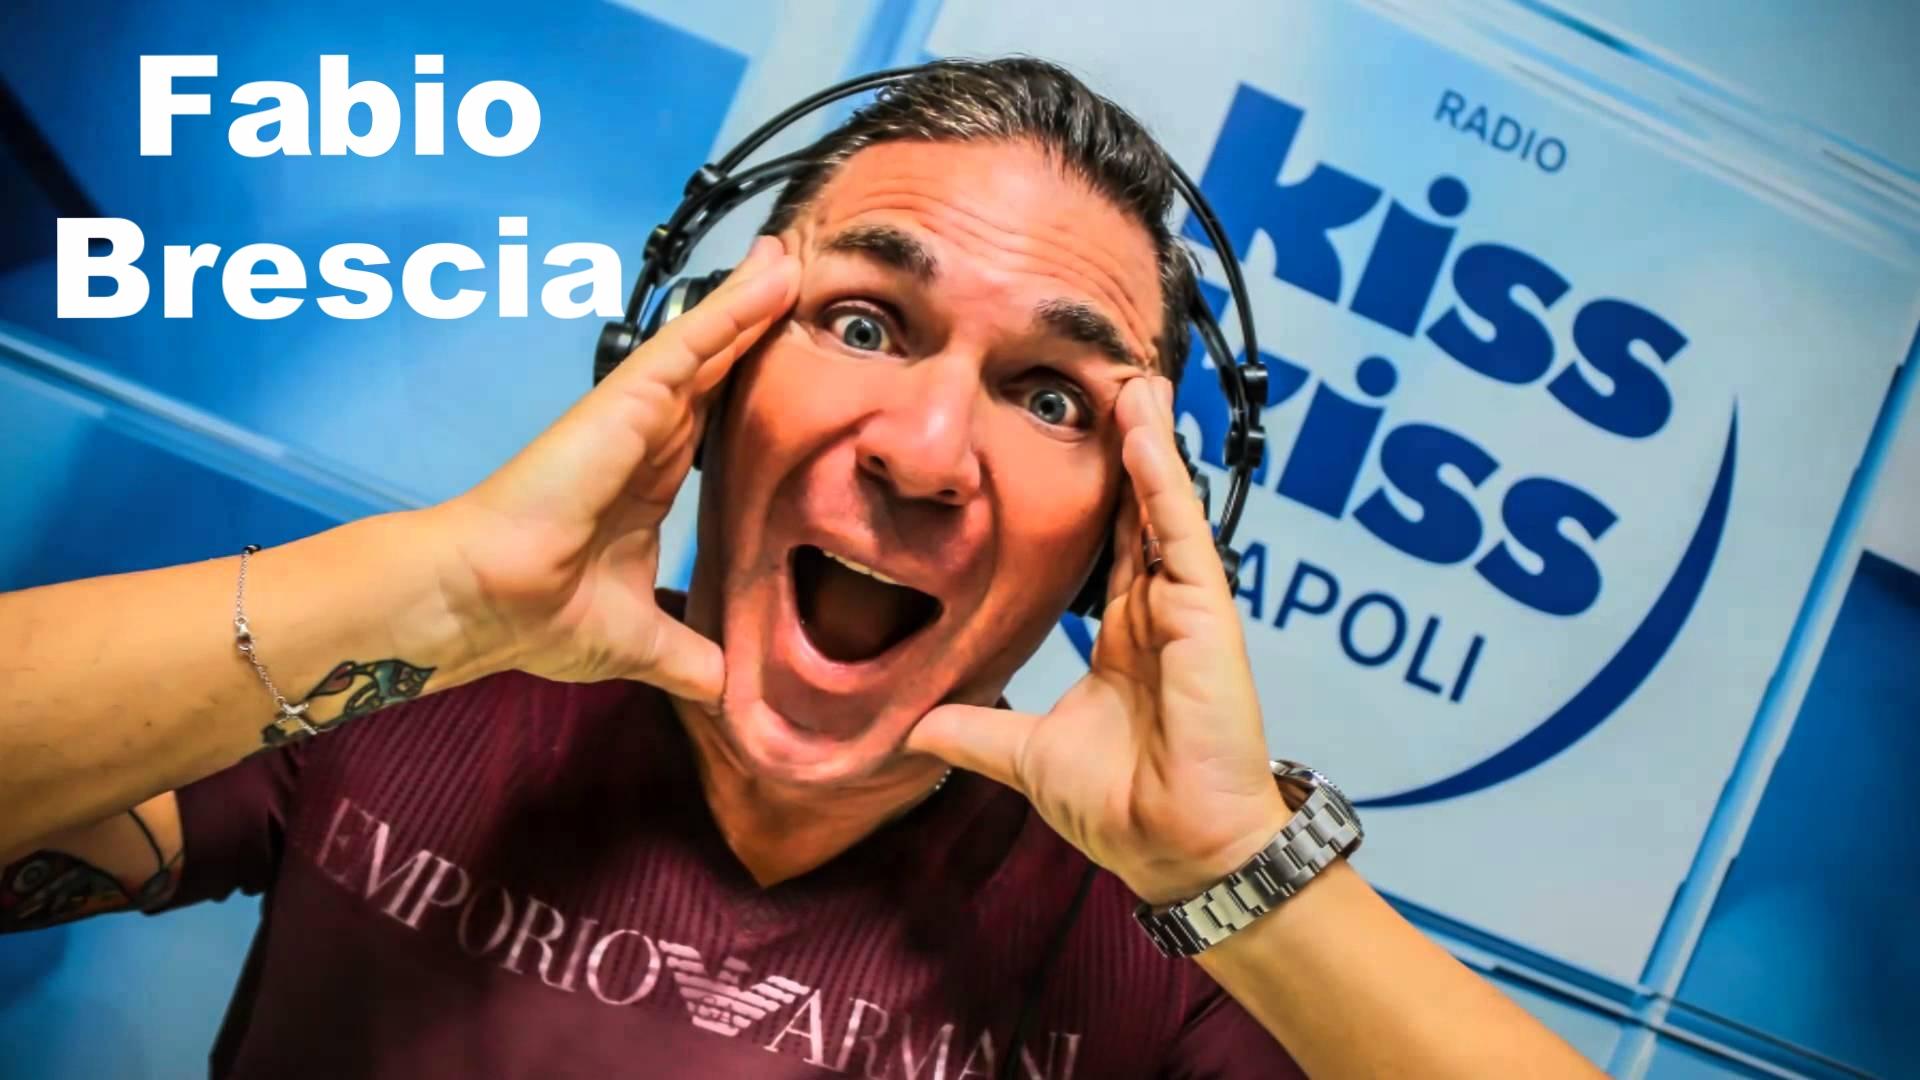 Fabio Brescia agenzia management Fabio Brescia comico cabarettista contatti ingaggio manager Fabio Brescia agenzia compagnia soleluna